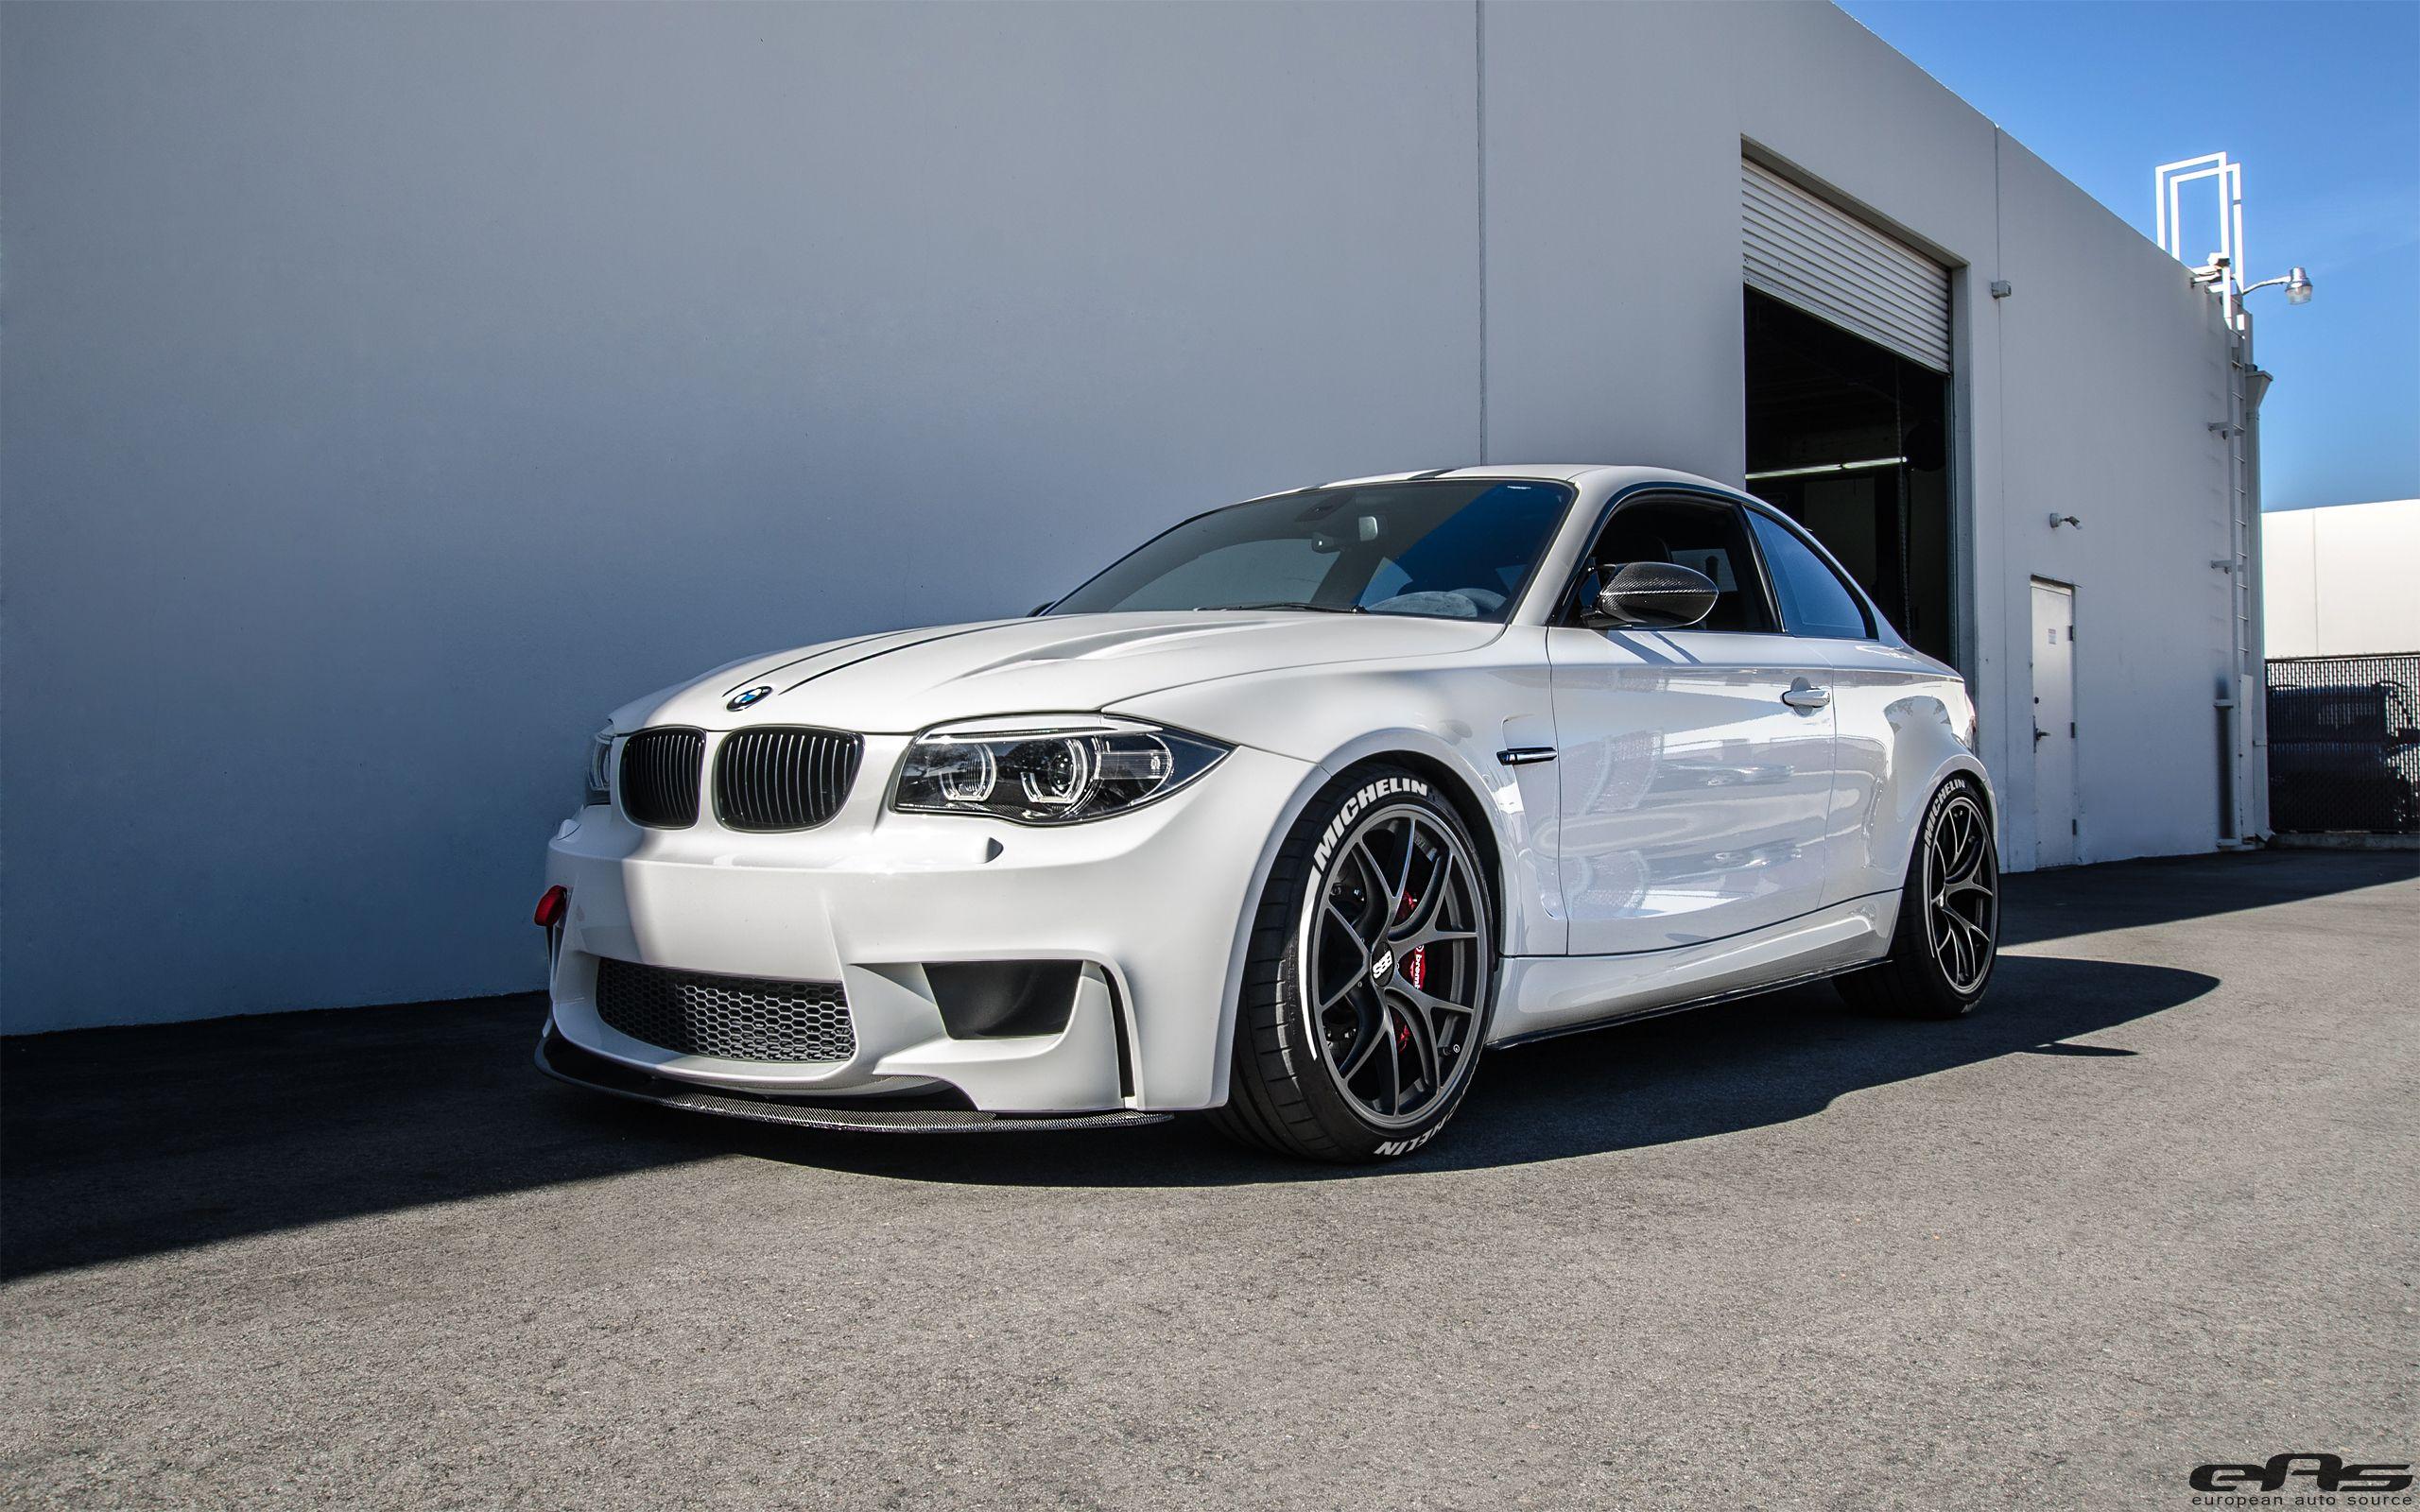 Alpine White E82 1m Bmw Bmw Performance Bmw Series